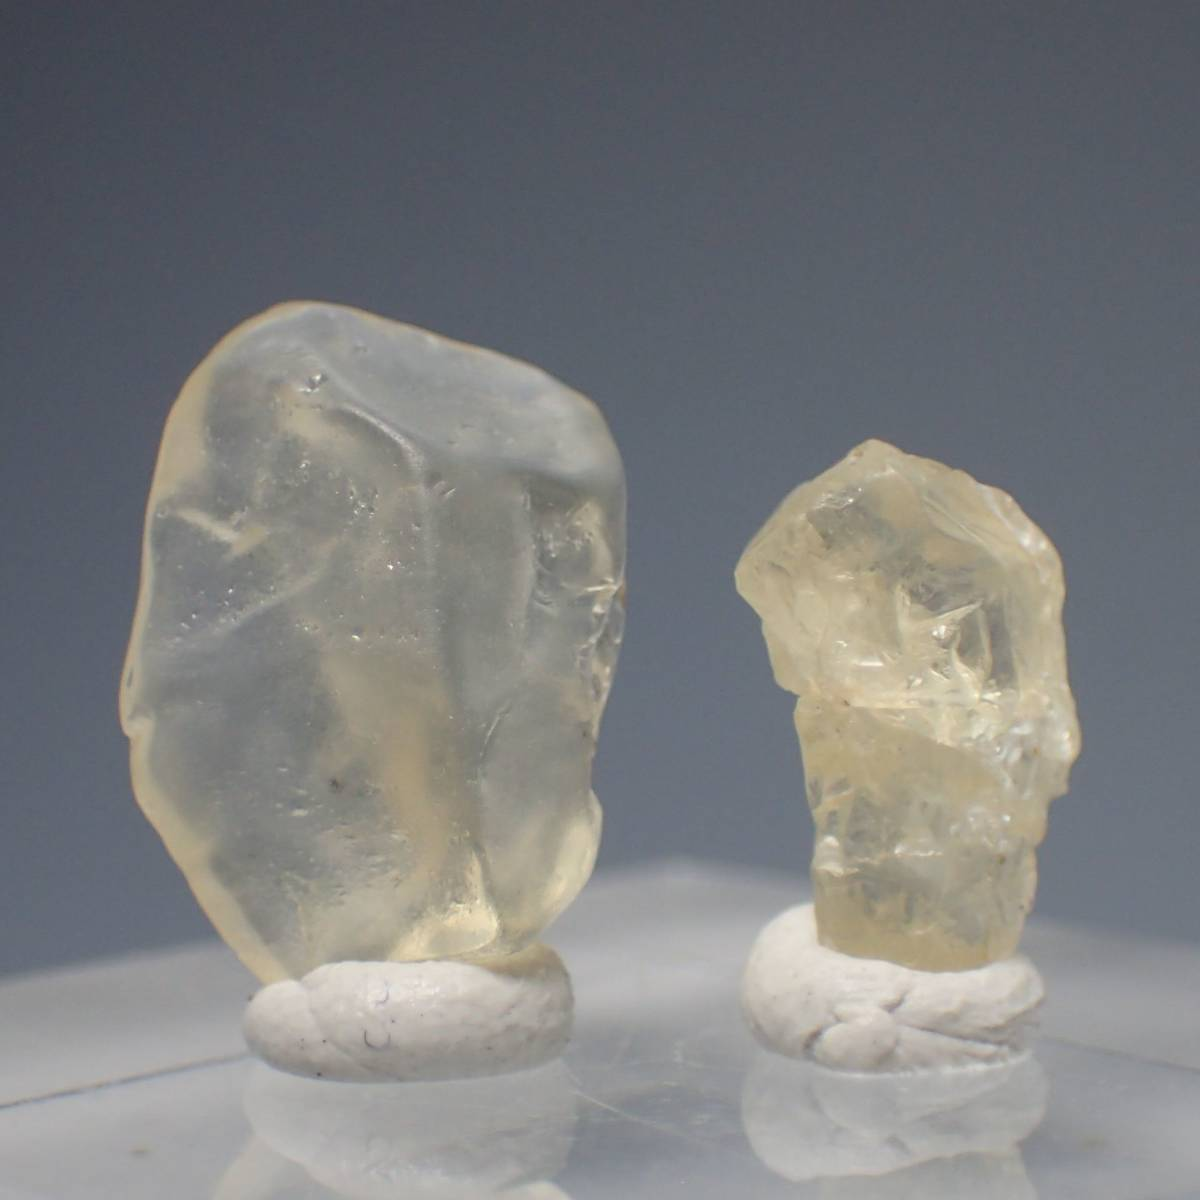 アメリカ合衆国 ユタ州 サンストーンノール産 サンストーン 計6.80ct 天然石 鉱物標本 長石 ラブラドライト パワーストーン_画像1